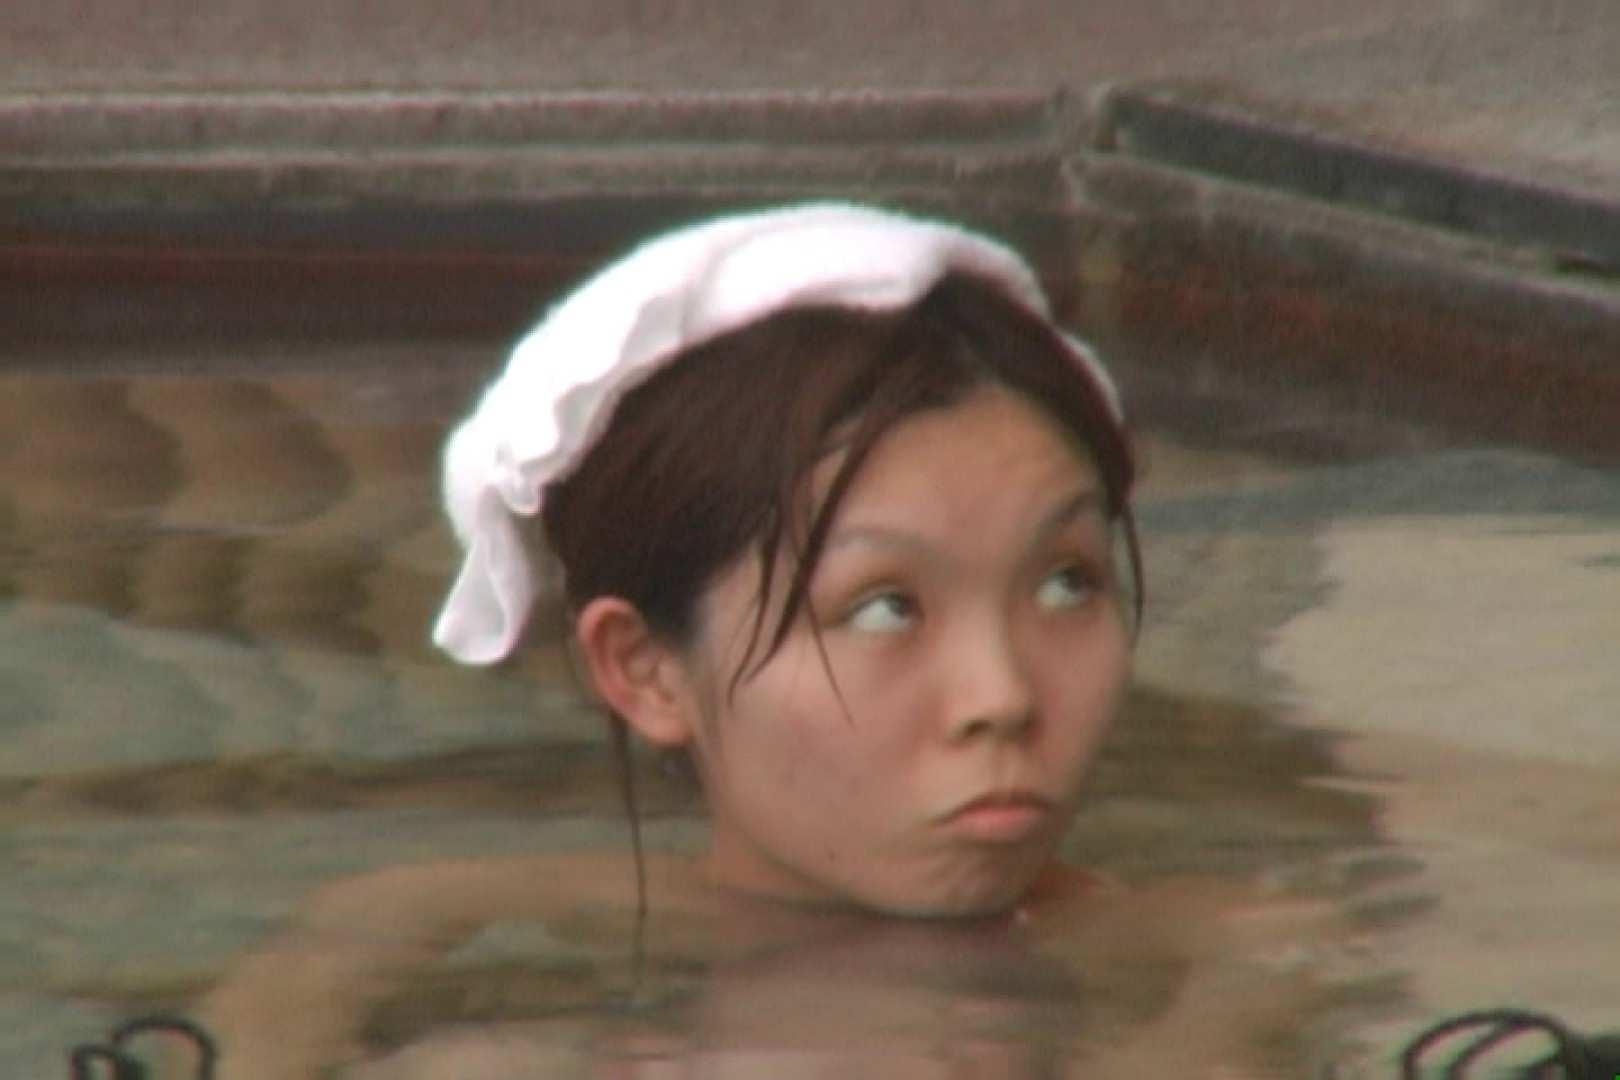 Aquaな露天風呂Vol.580 0  103pic 62